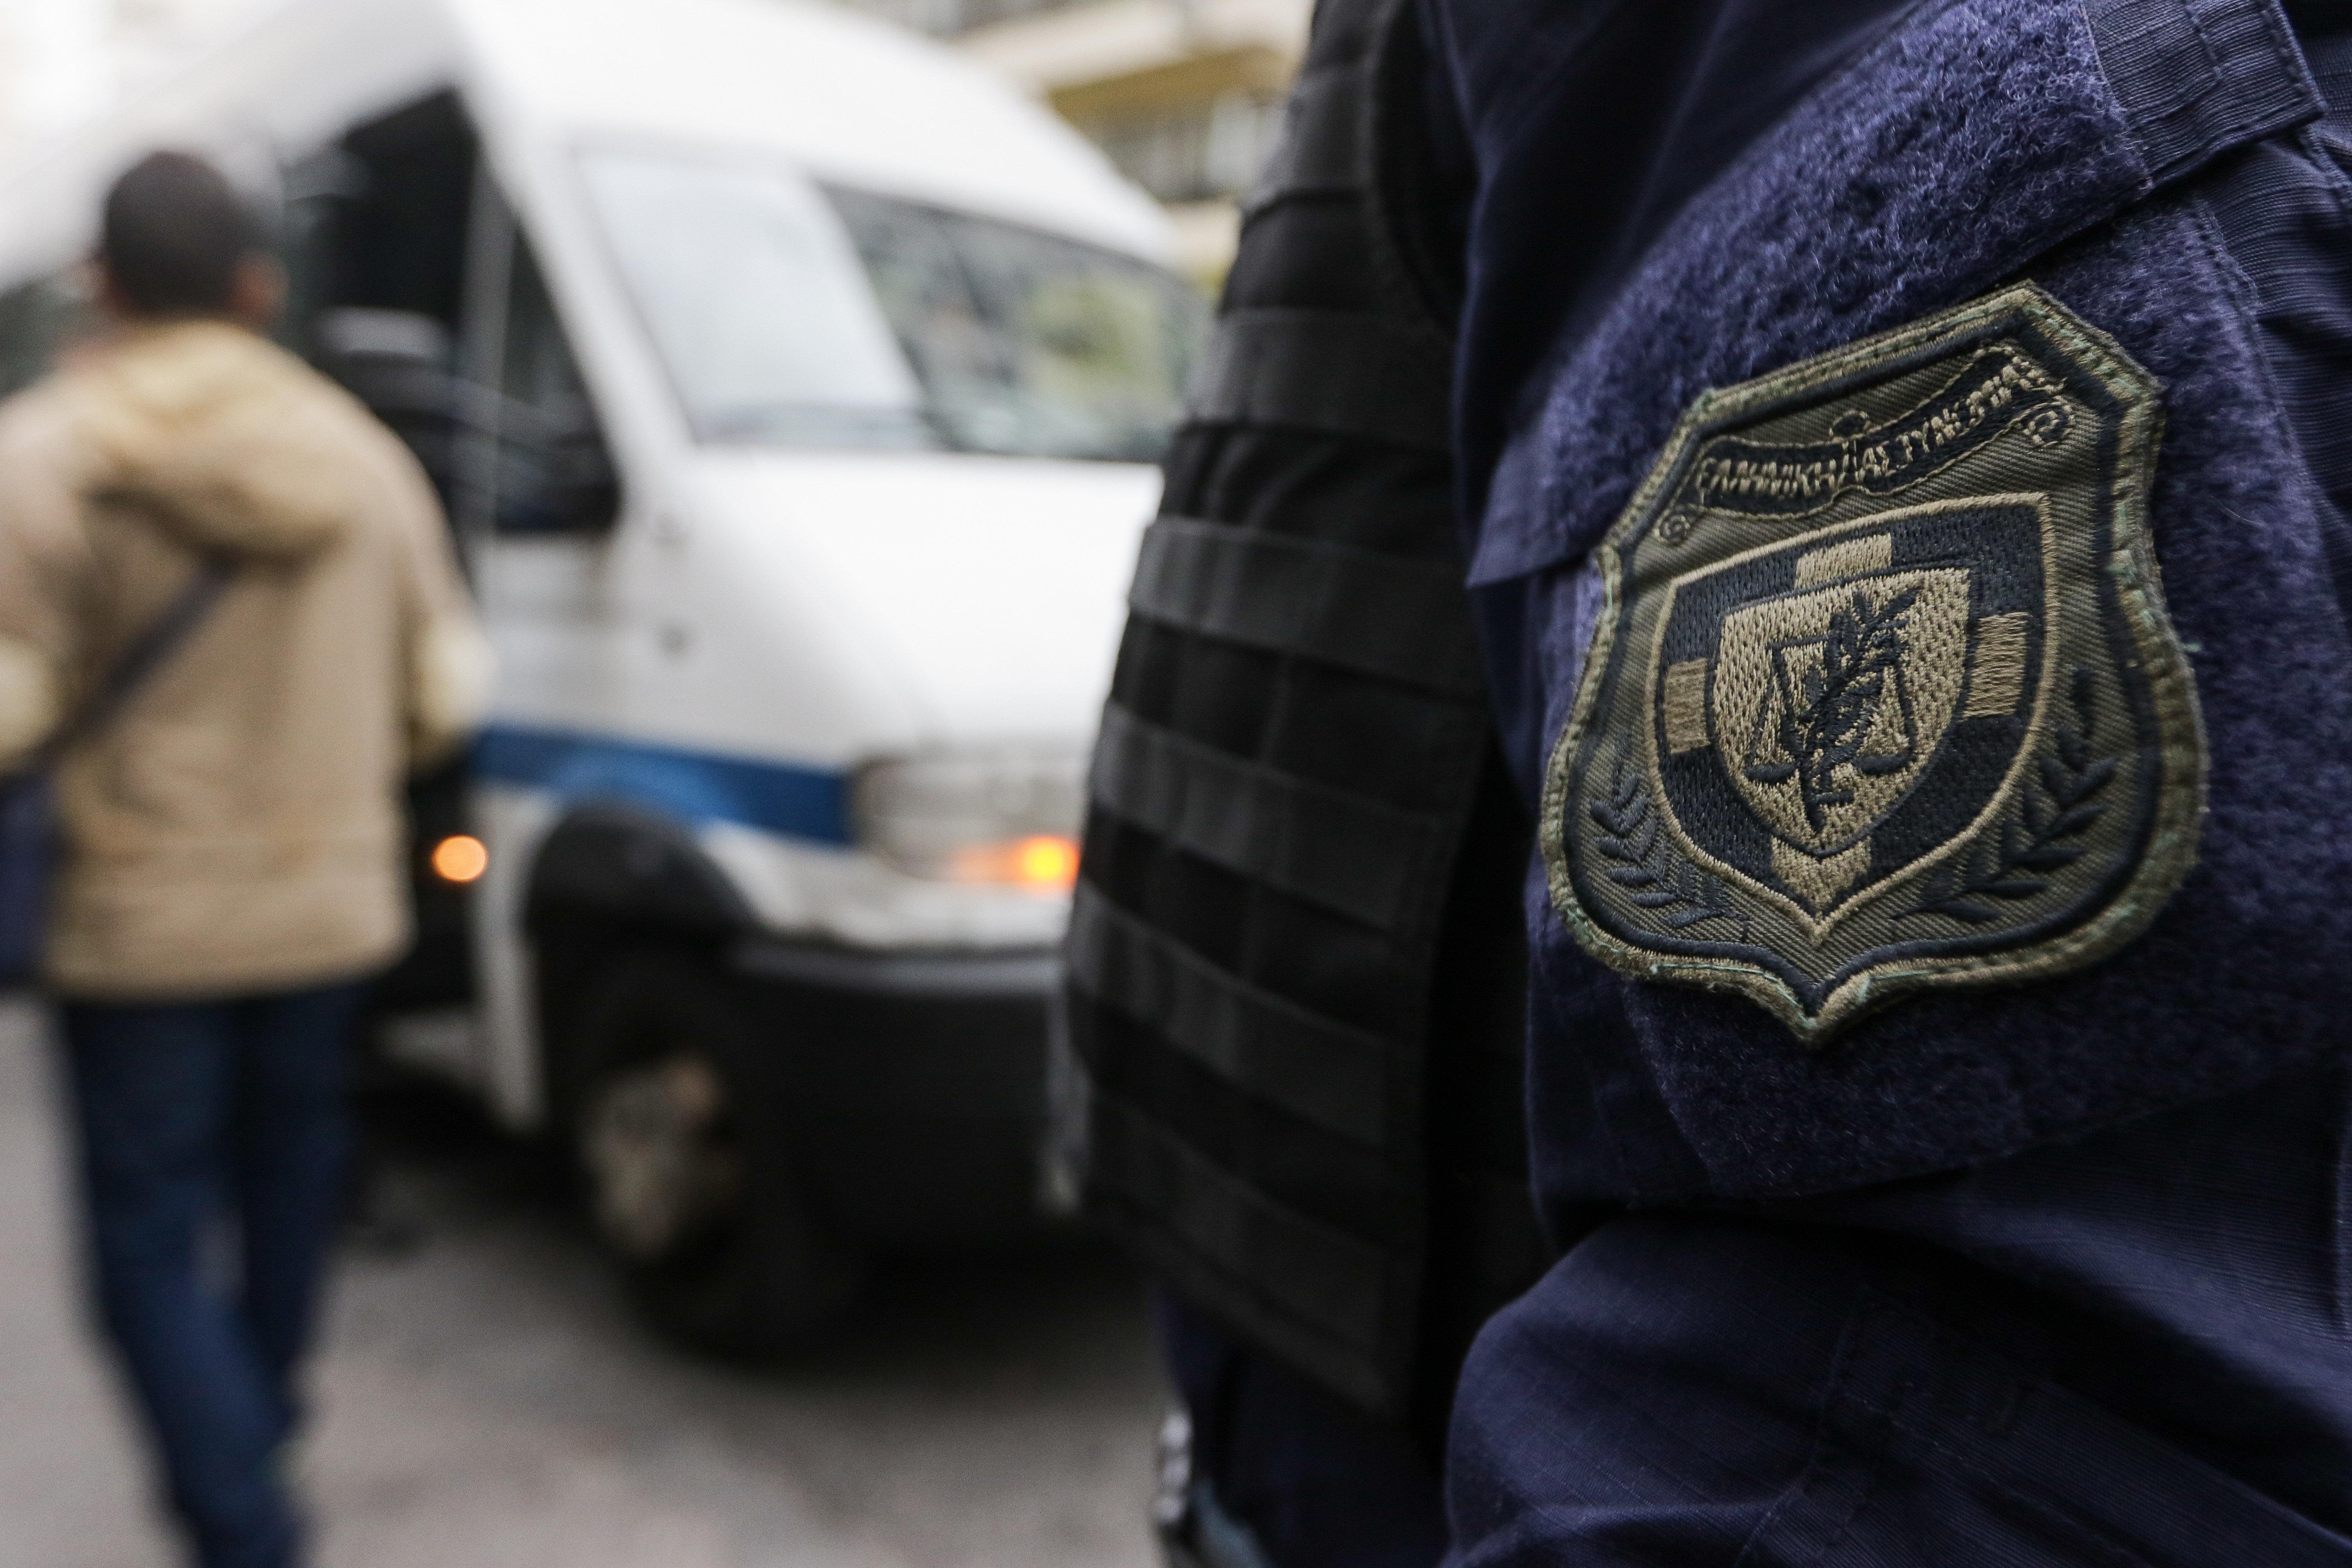 Δωρεάν μετακίνηση των ένστολων με τα ΜΜΜ ανακοίνωσε η Ολγα Γεροβασίλη.